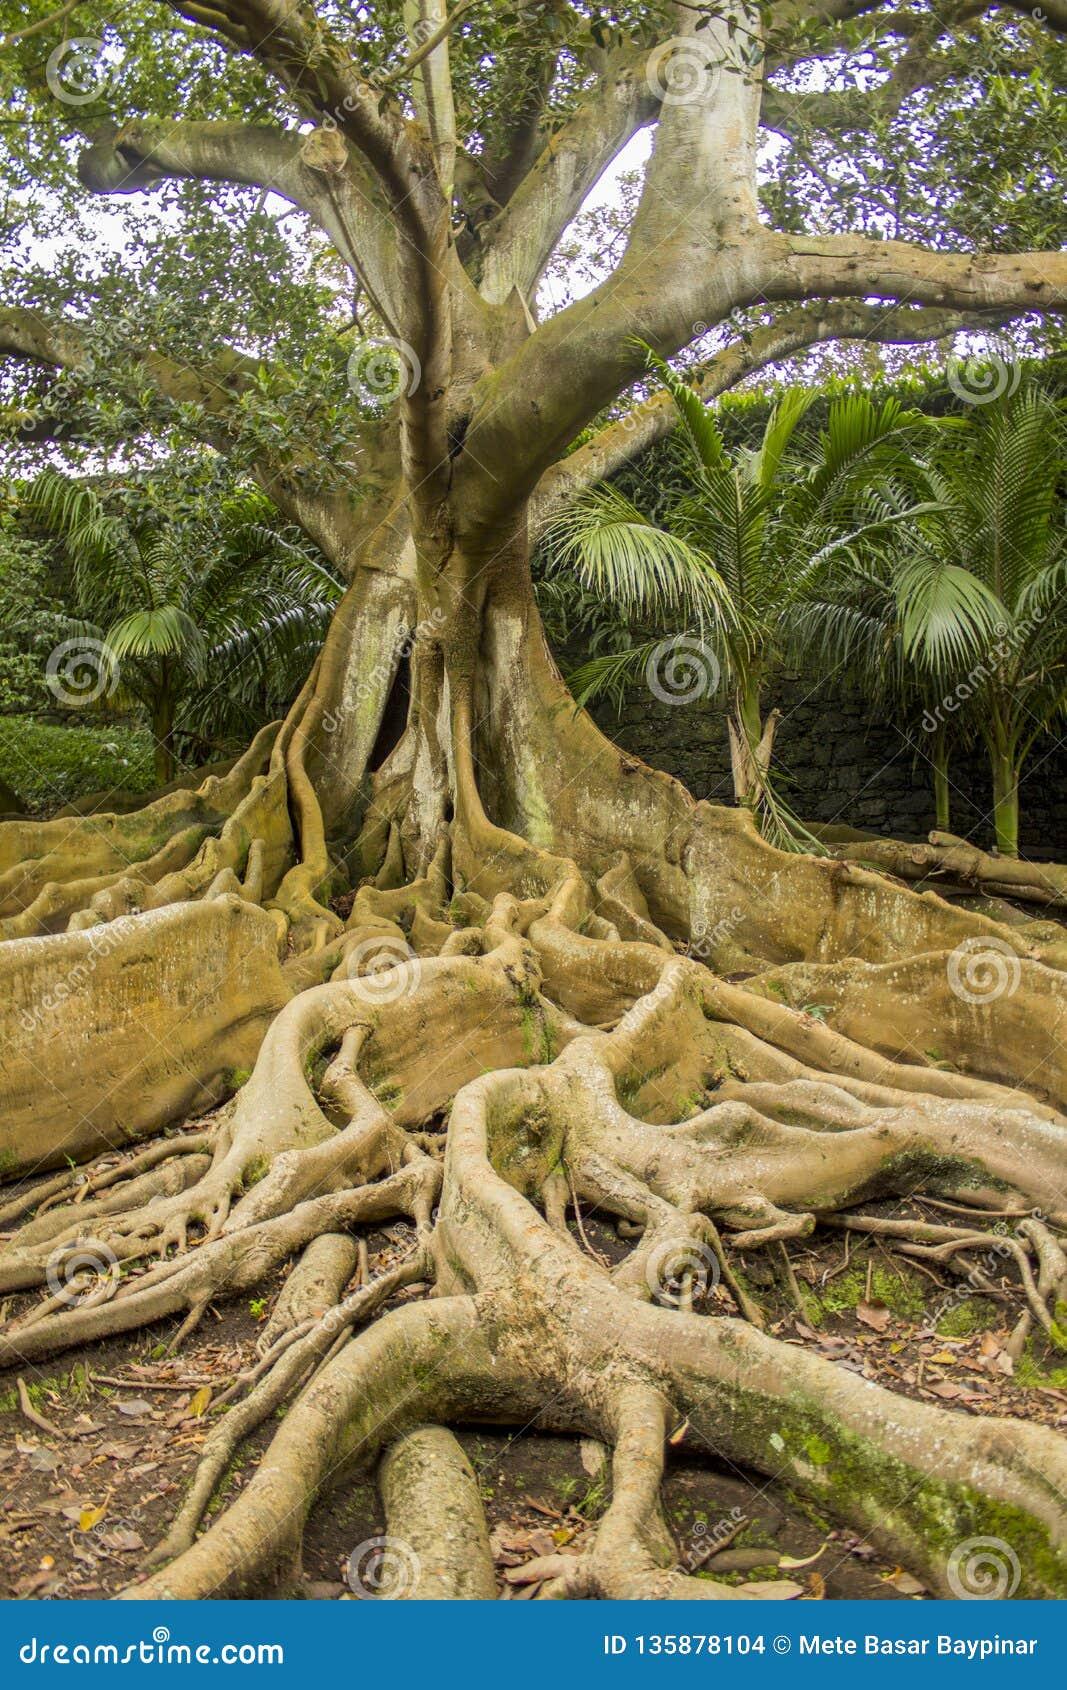 Retrato de um figo poderoso da baía de Moreton com suas raizes gigantes no primeiro plano